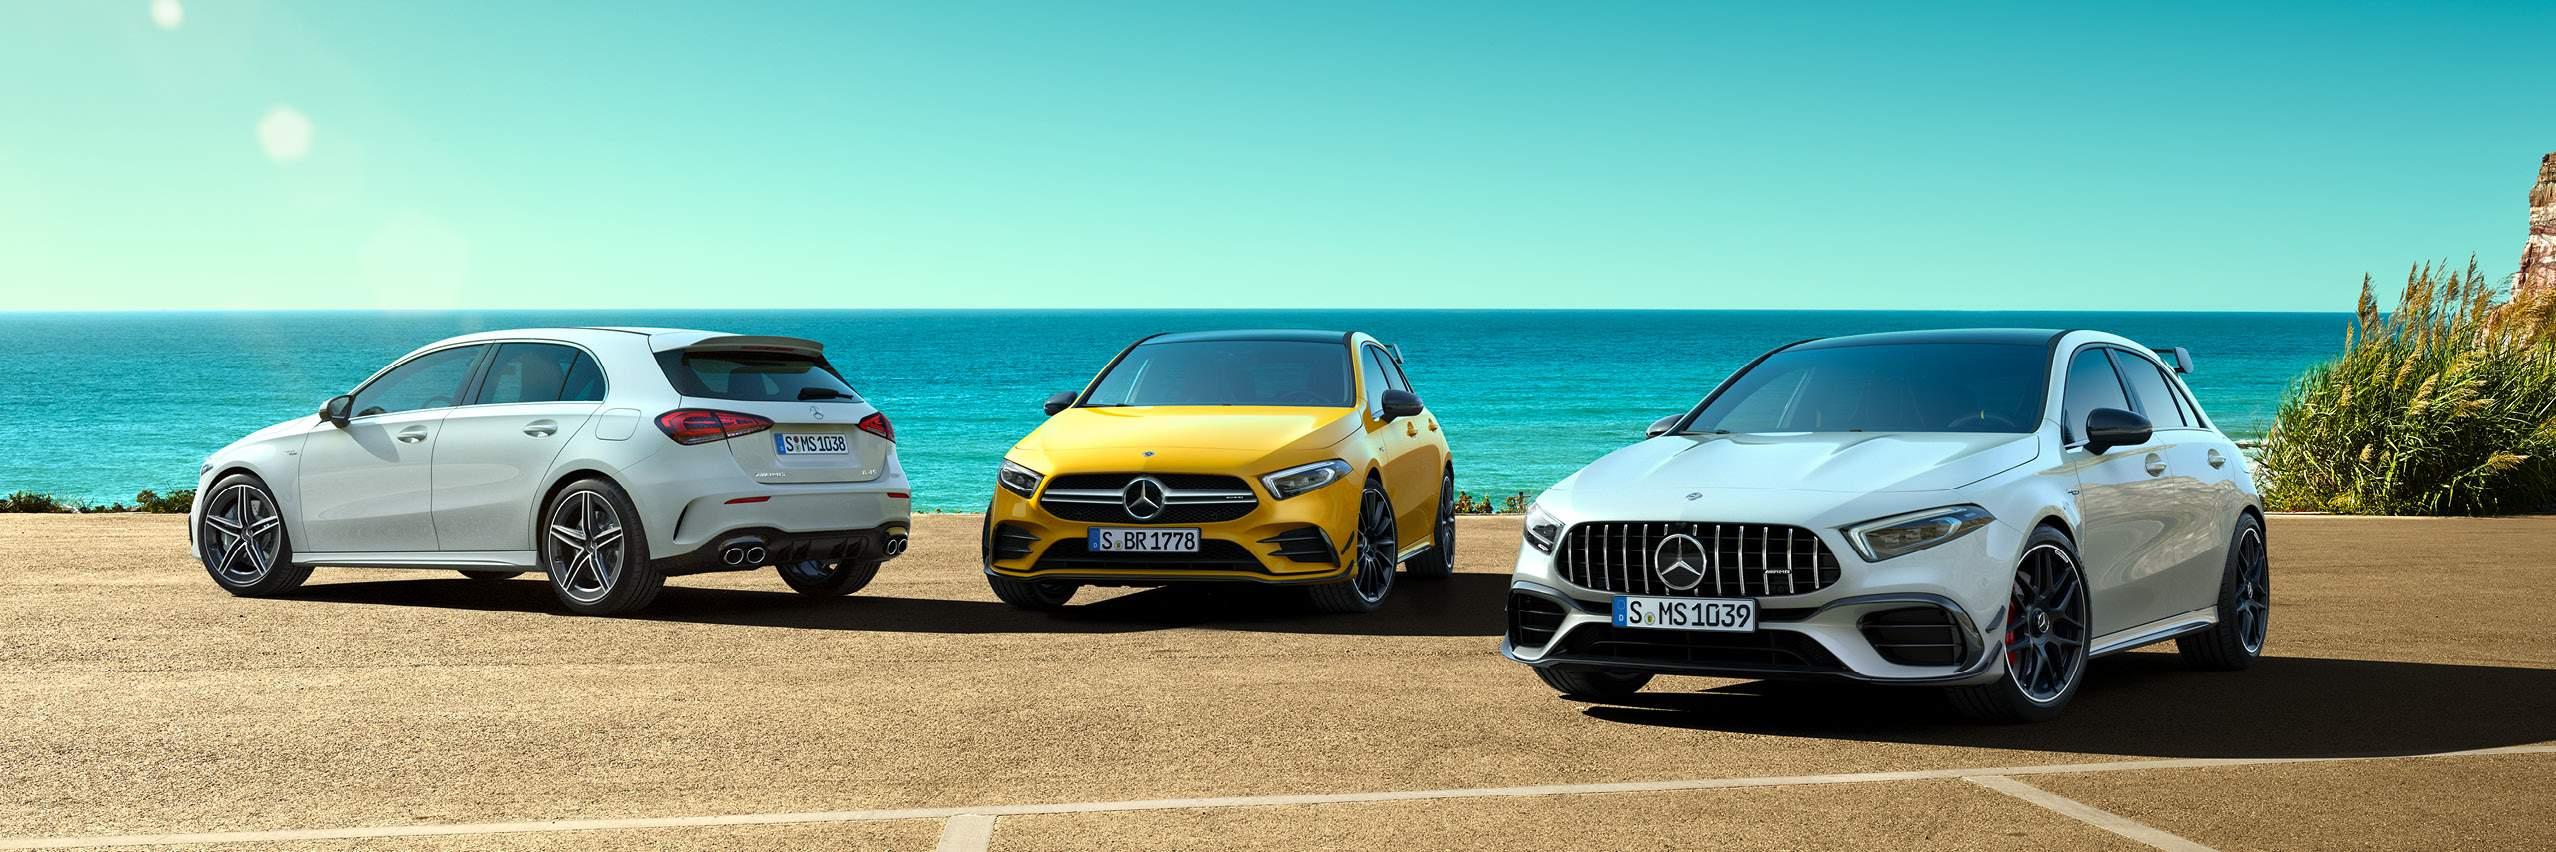 CAR-Avenue-Mercedes-Classe-A-AMG-07